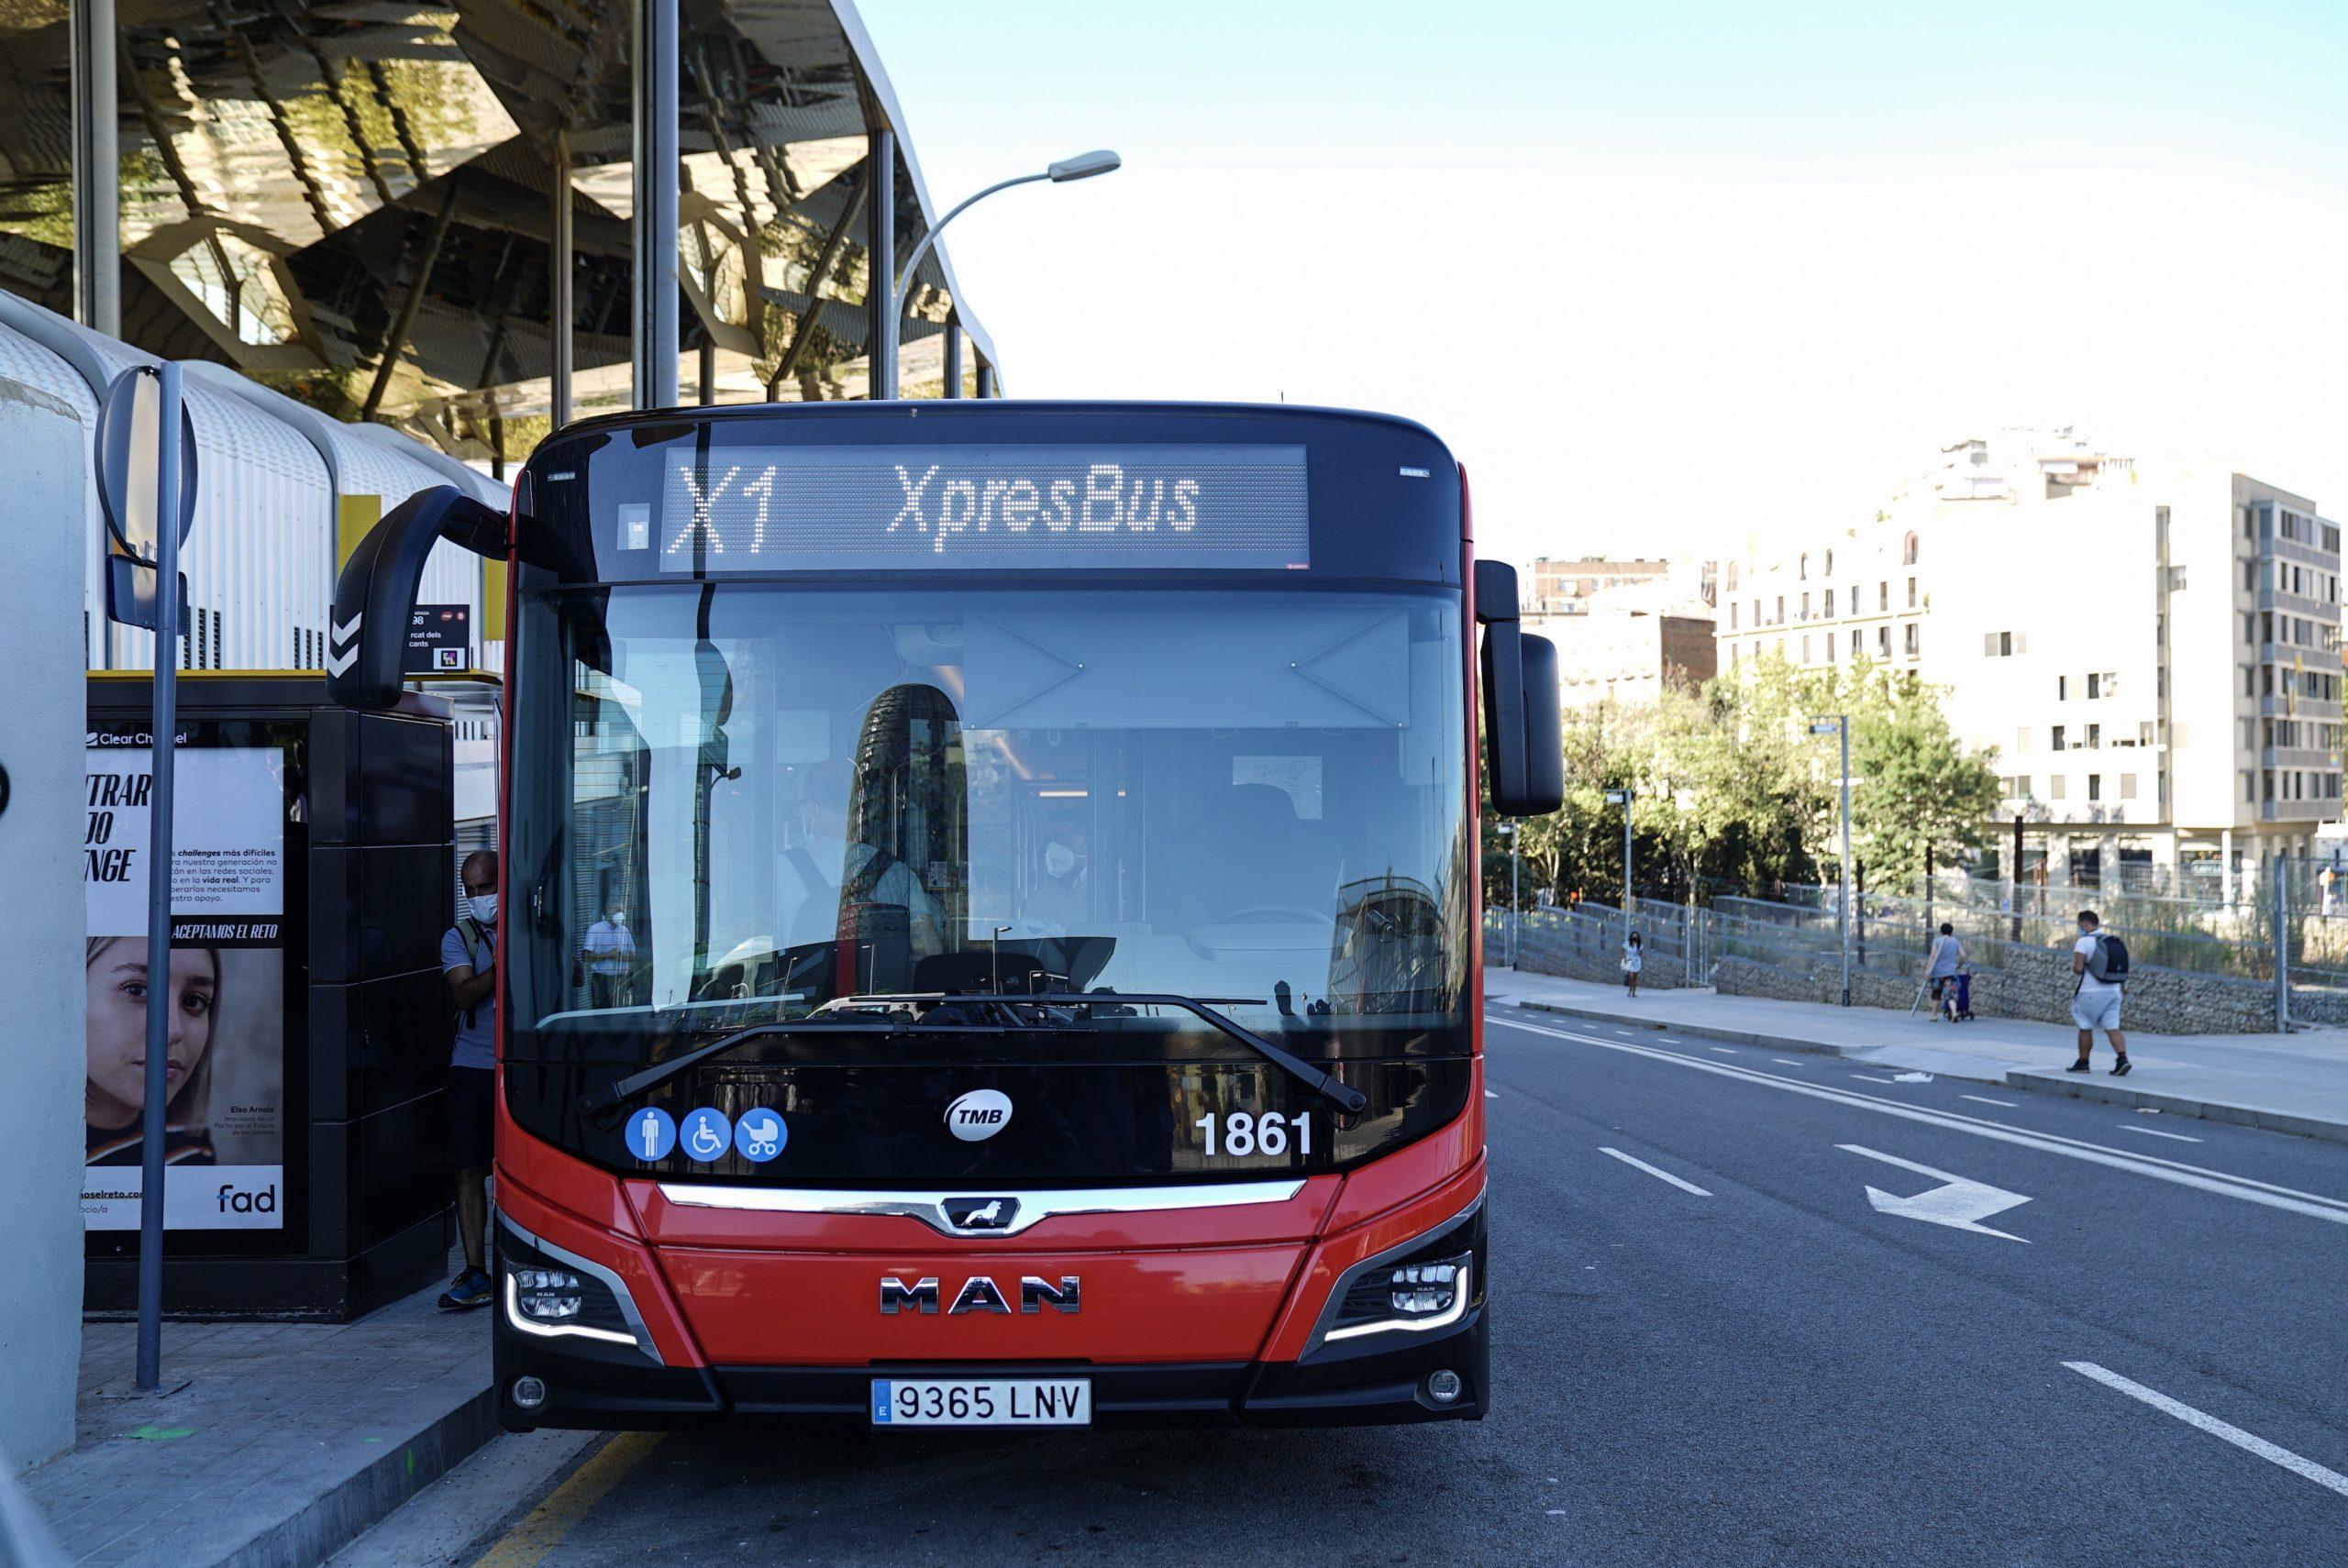 Пересечь Барселону за 20 минут на новом городском автобусе